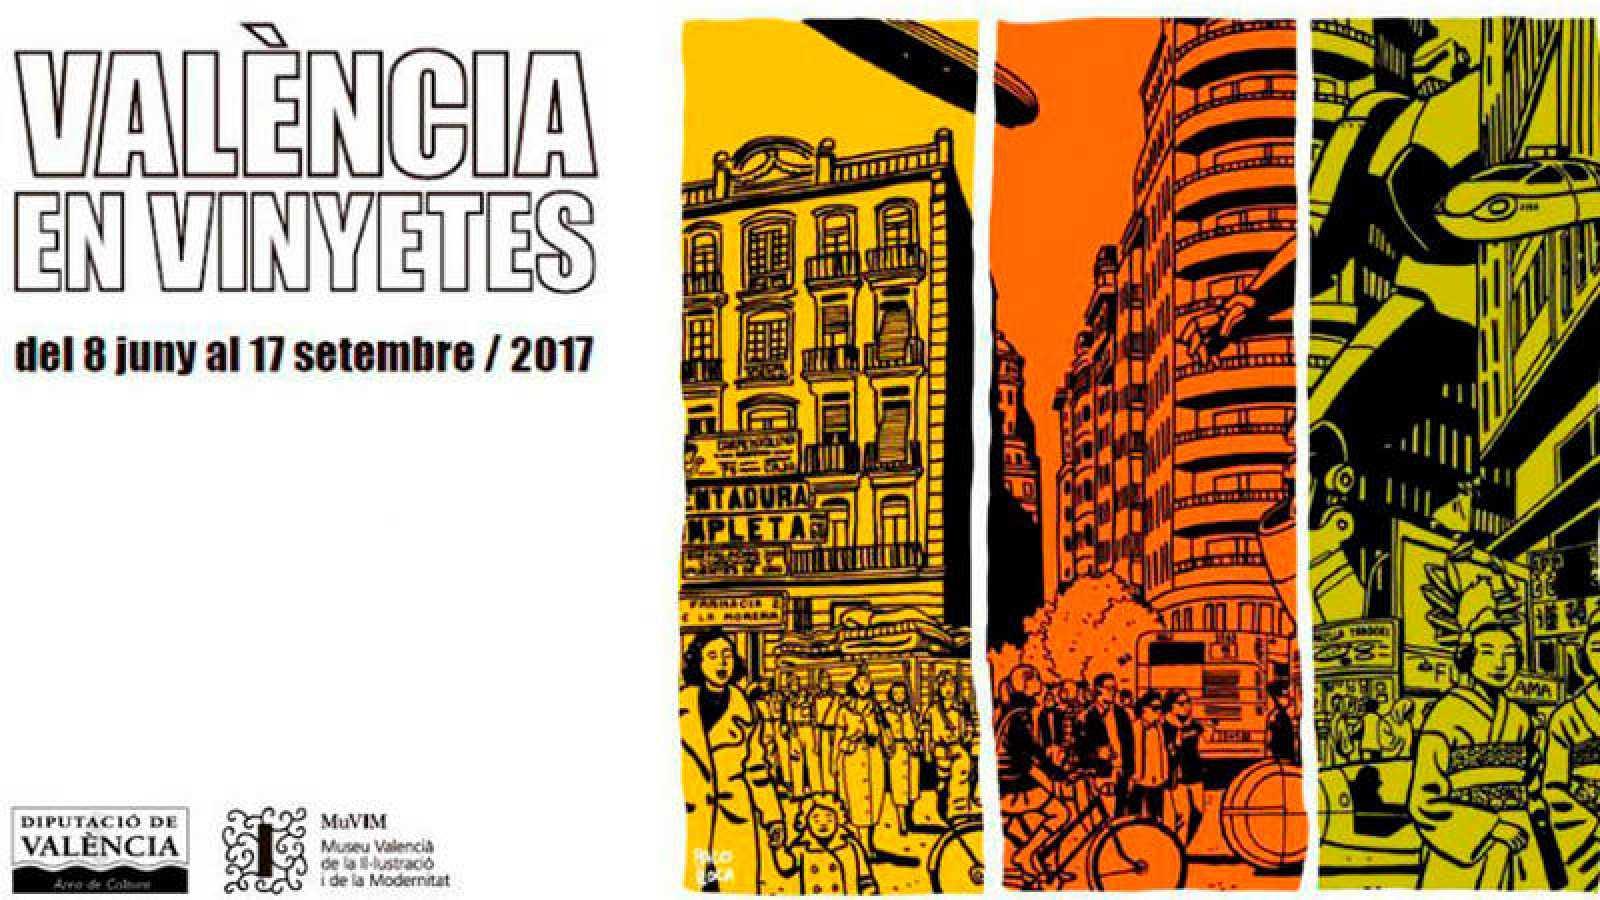 Publicidad de la exposición 'València en vinyetes'